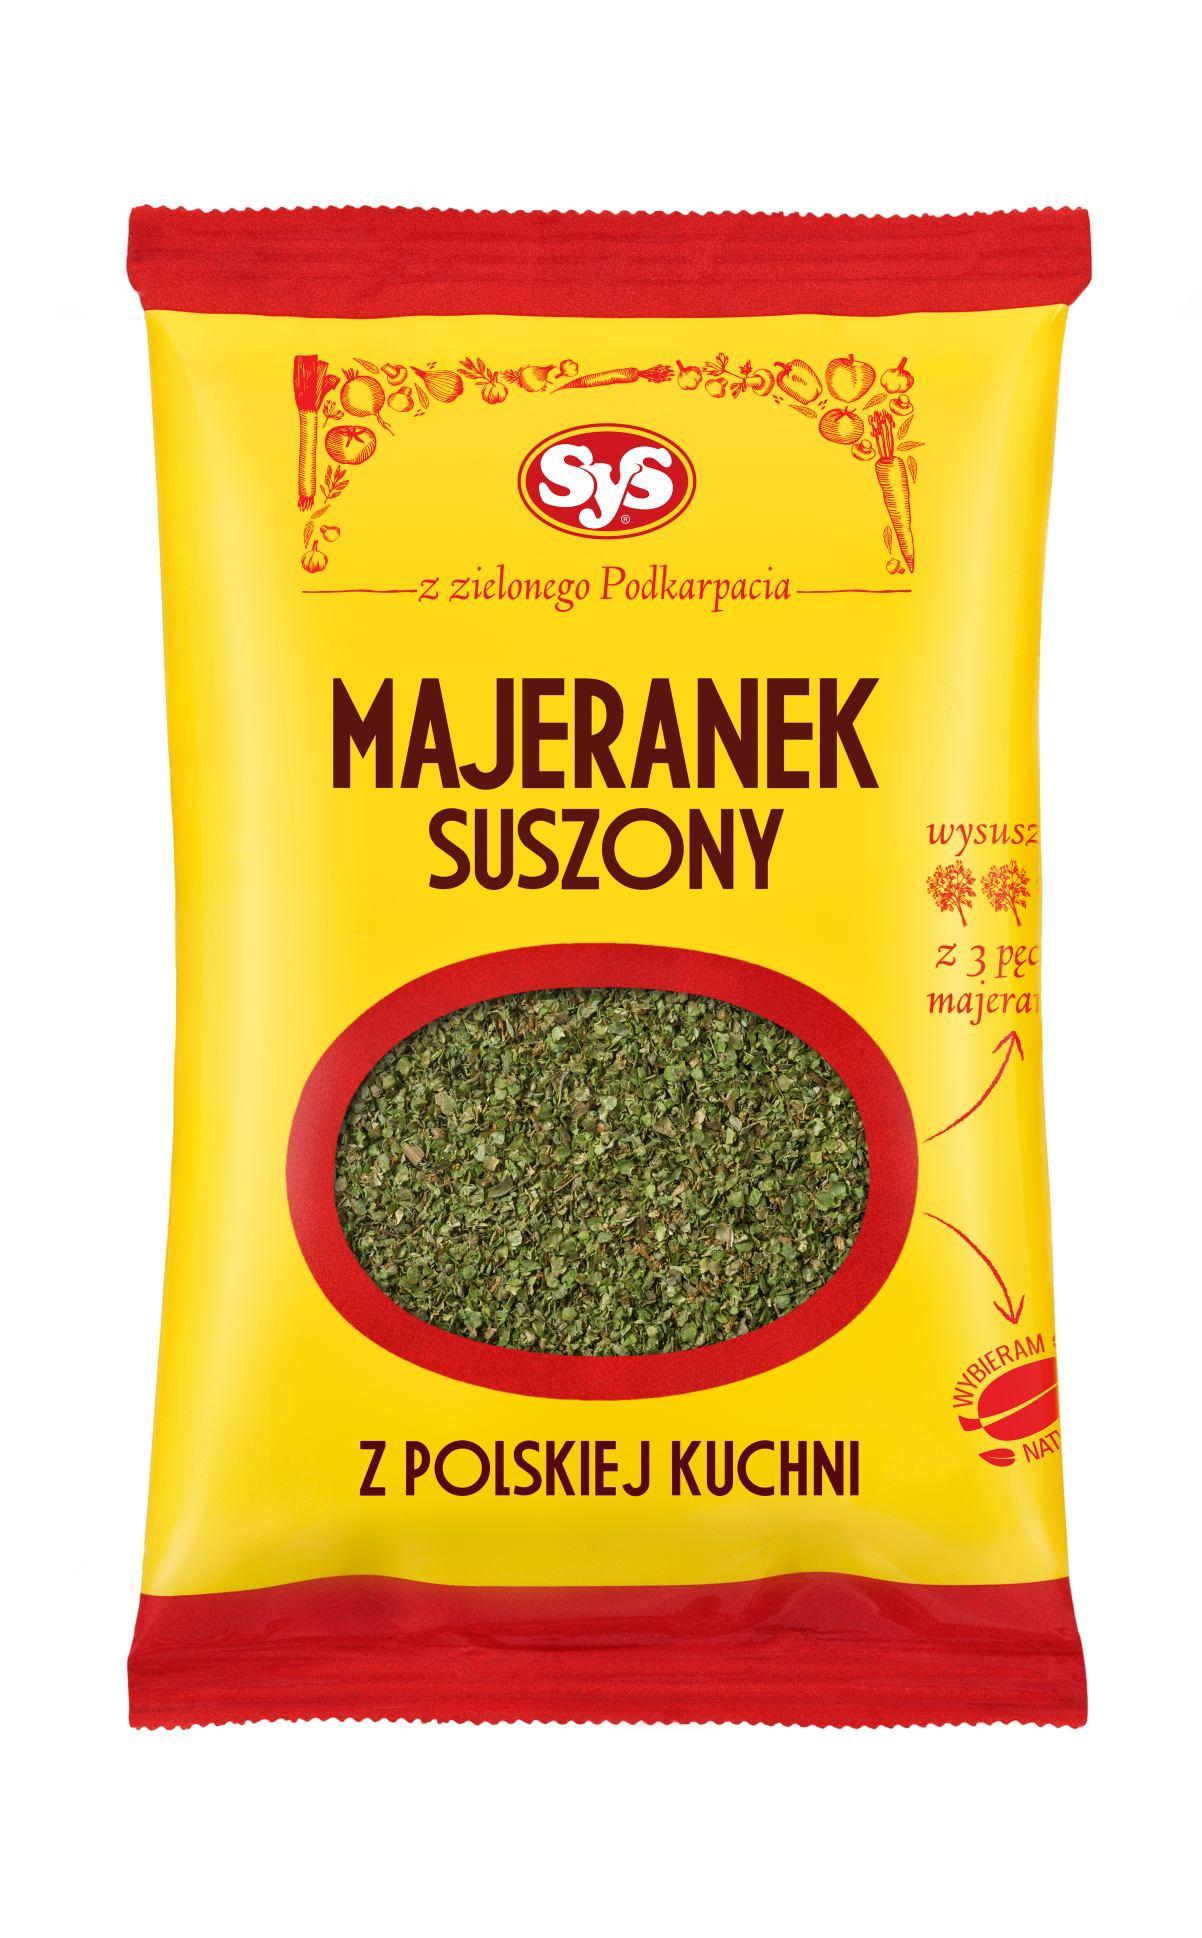 SyS_majeranek-suszony